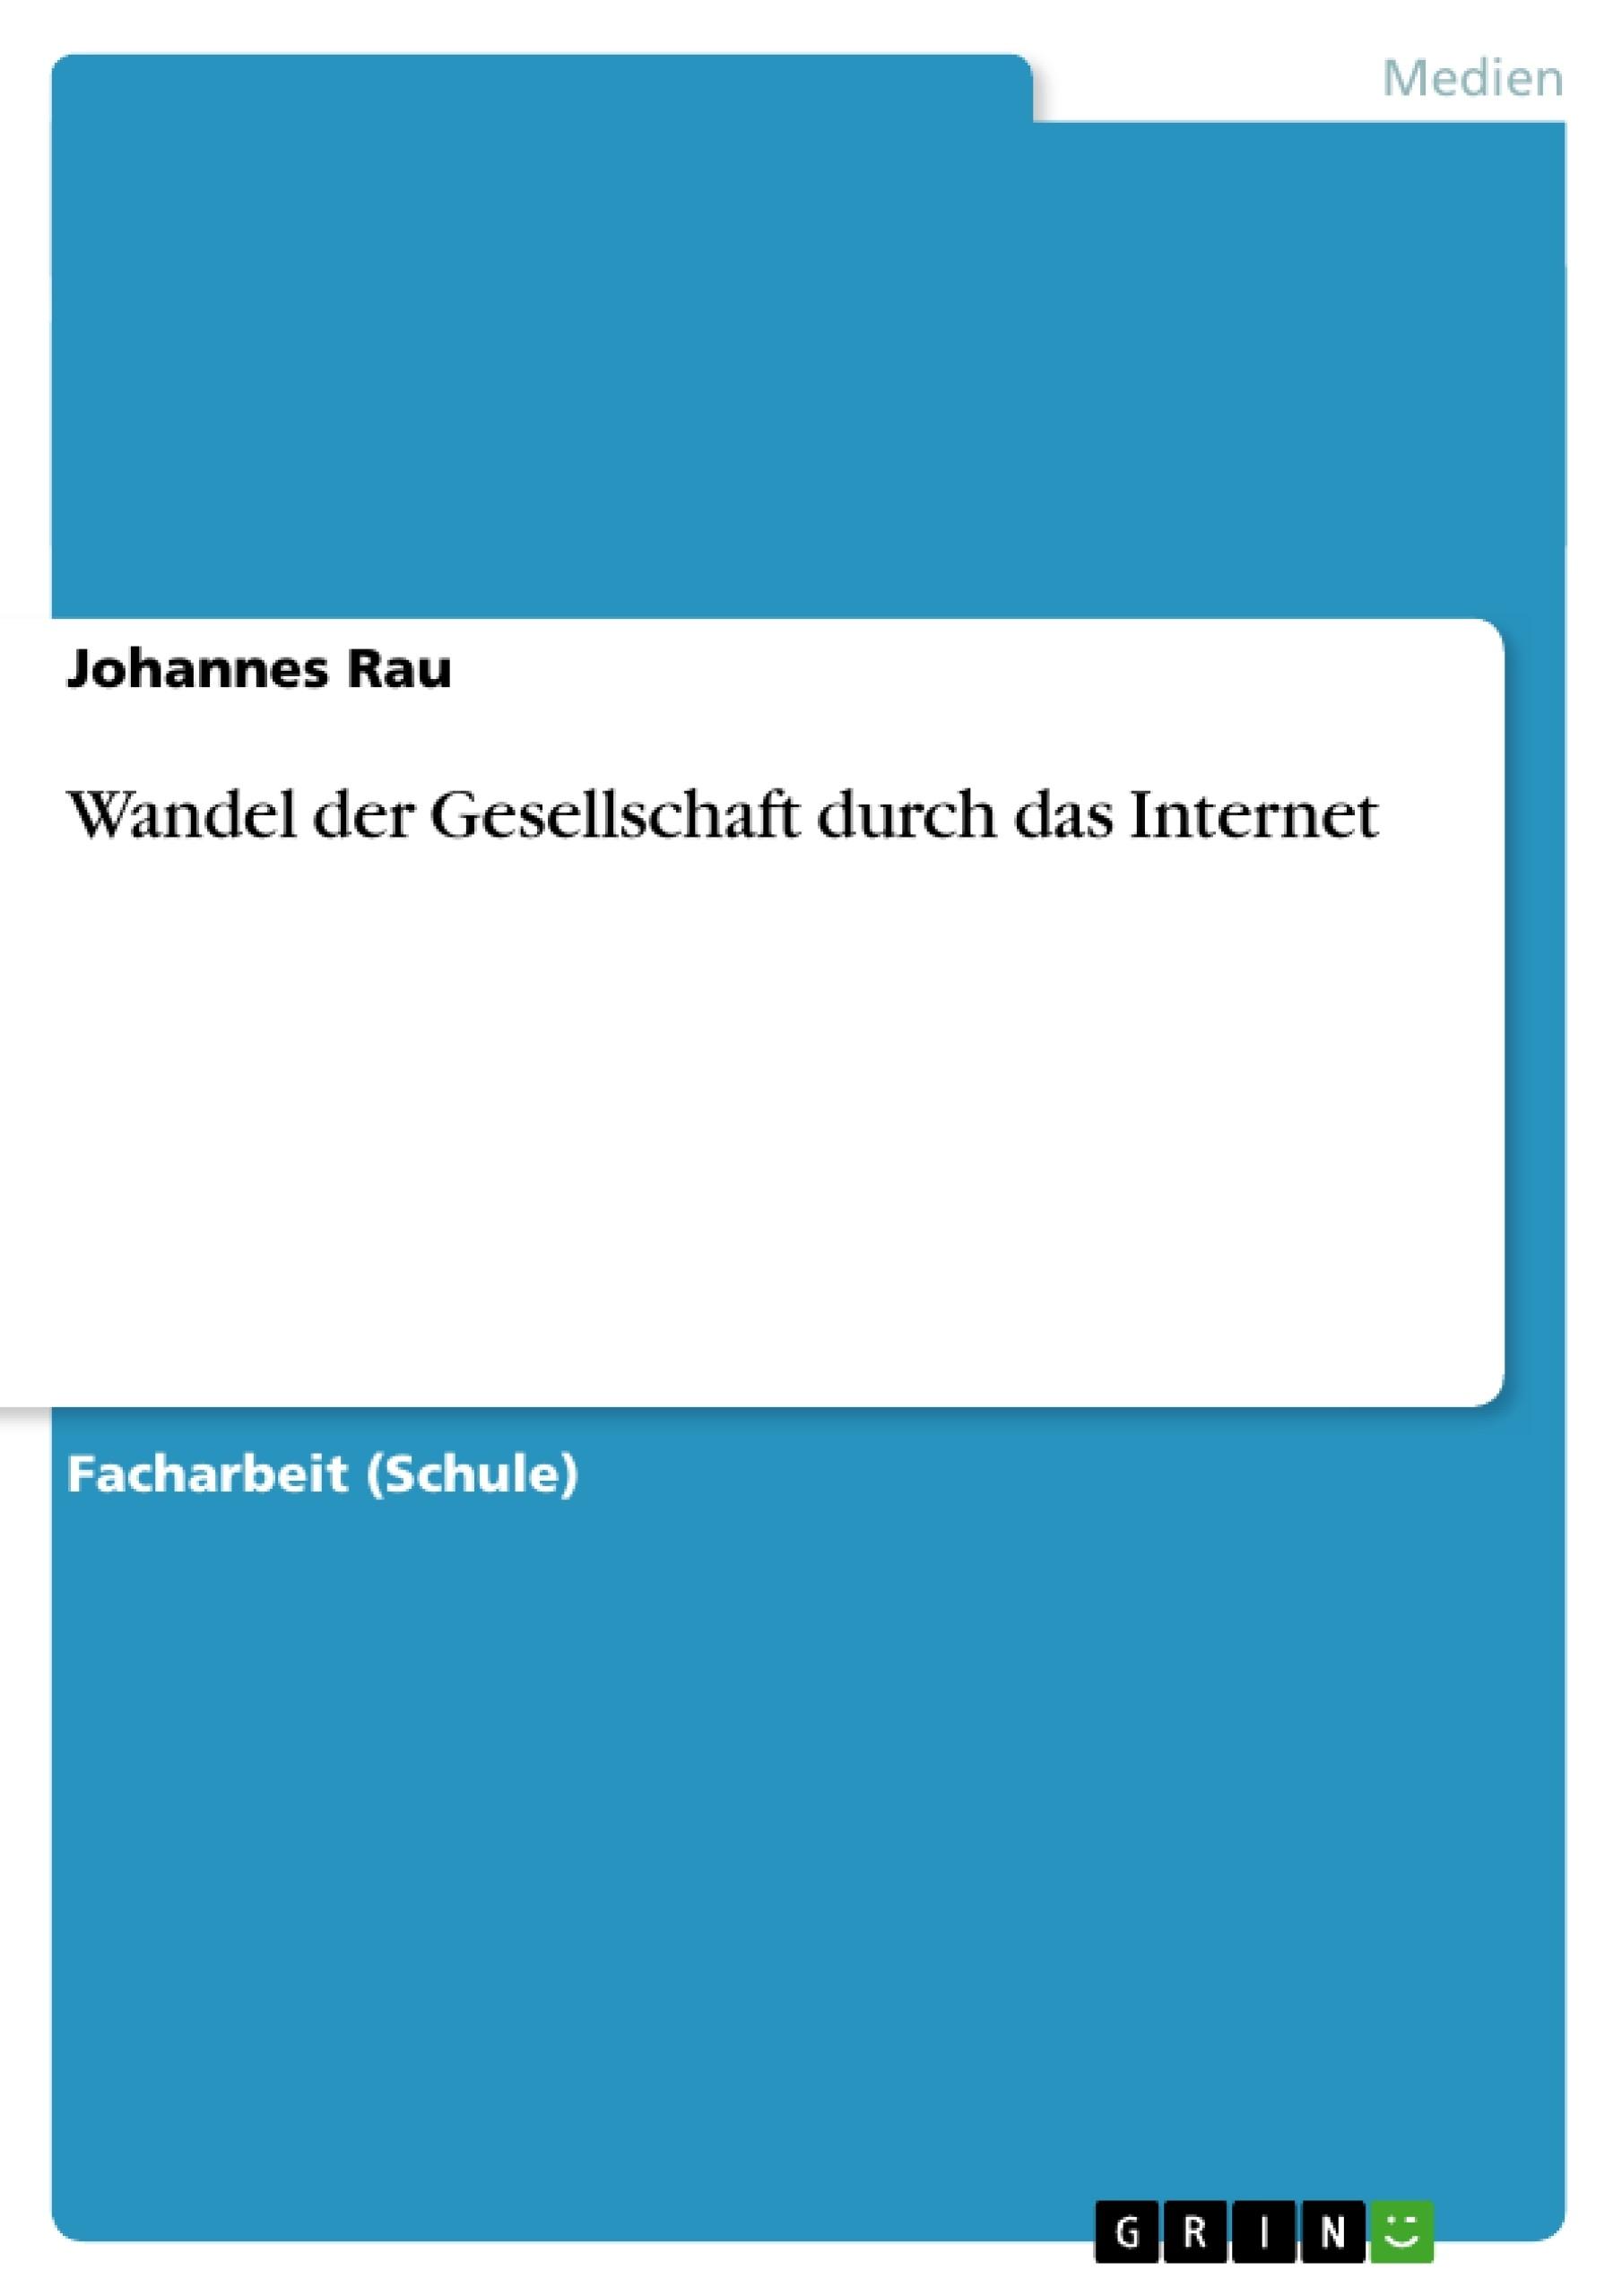 Titel: Wandel der Gesellschaft durch das Internet